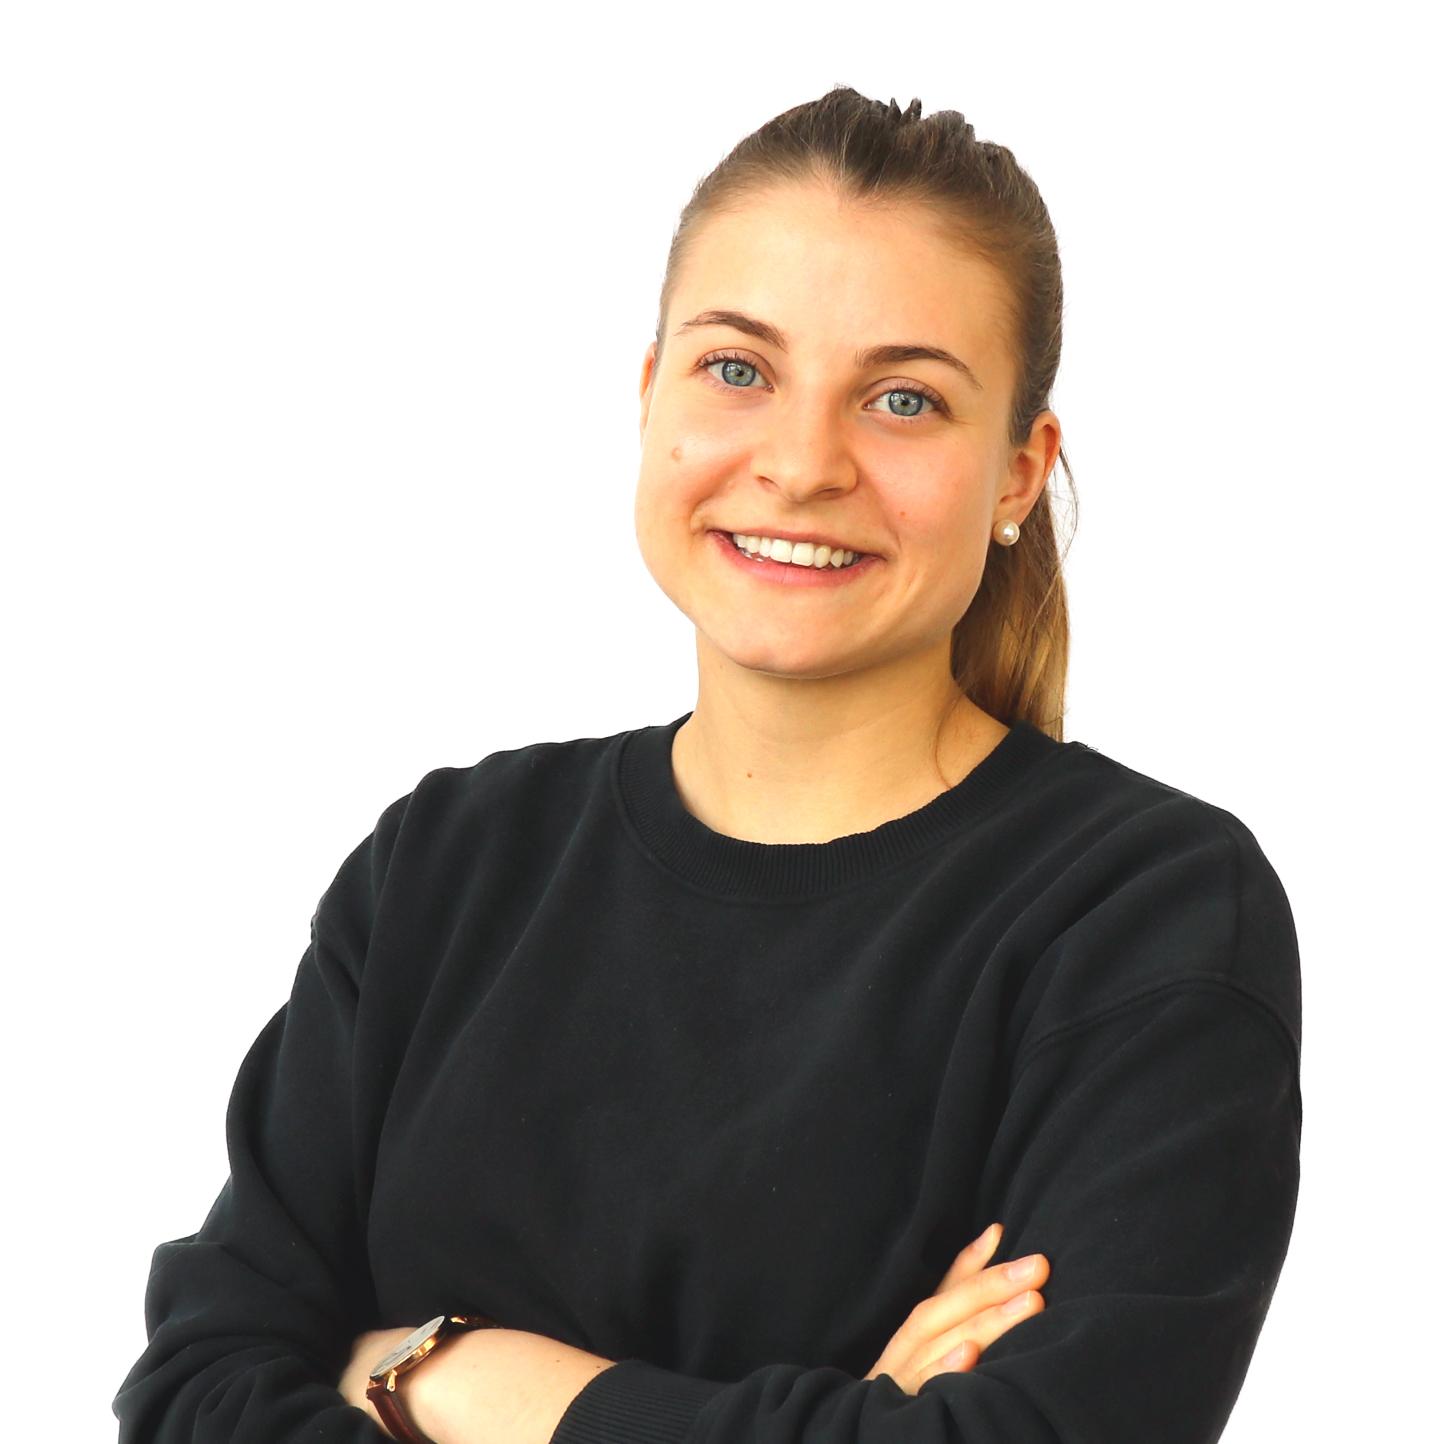 Yvonne Kunz